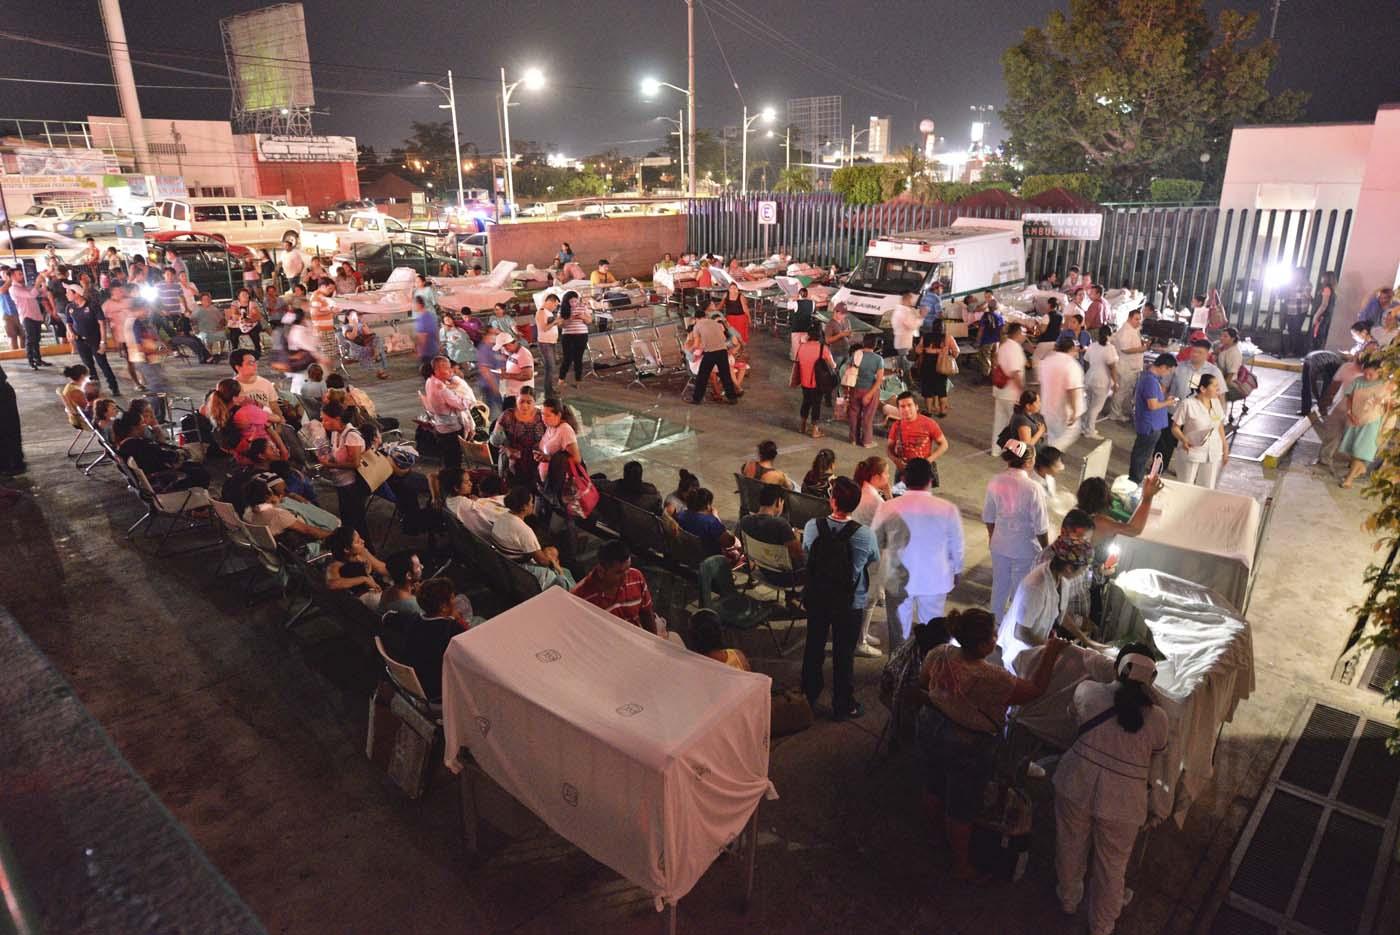 GRA005VILLAHERMOSA (MÉXICO),08/09/2017.- Pacientes y médicos de un hospital en Villahermosa ( México) permanecen fuera hoy, viernes 8 de septiembre de 2017, tras un fuerte sismo de magnitud ocho en la escala abierta de Richter sacudió hoy violentamente a México, con origen a 137 kilómetros al suroeste de Tonalá, en el suroriental estado de Chiapas, informó el Servicio Sismológico Nacional (SSN). Al menos cinco personas murieron como consecuencia del terremoto, tres en el estado de Chiapas y dos en Tabasco, informaron hoy fuentes oficiales..EFE/STR